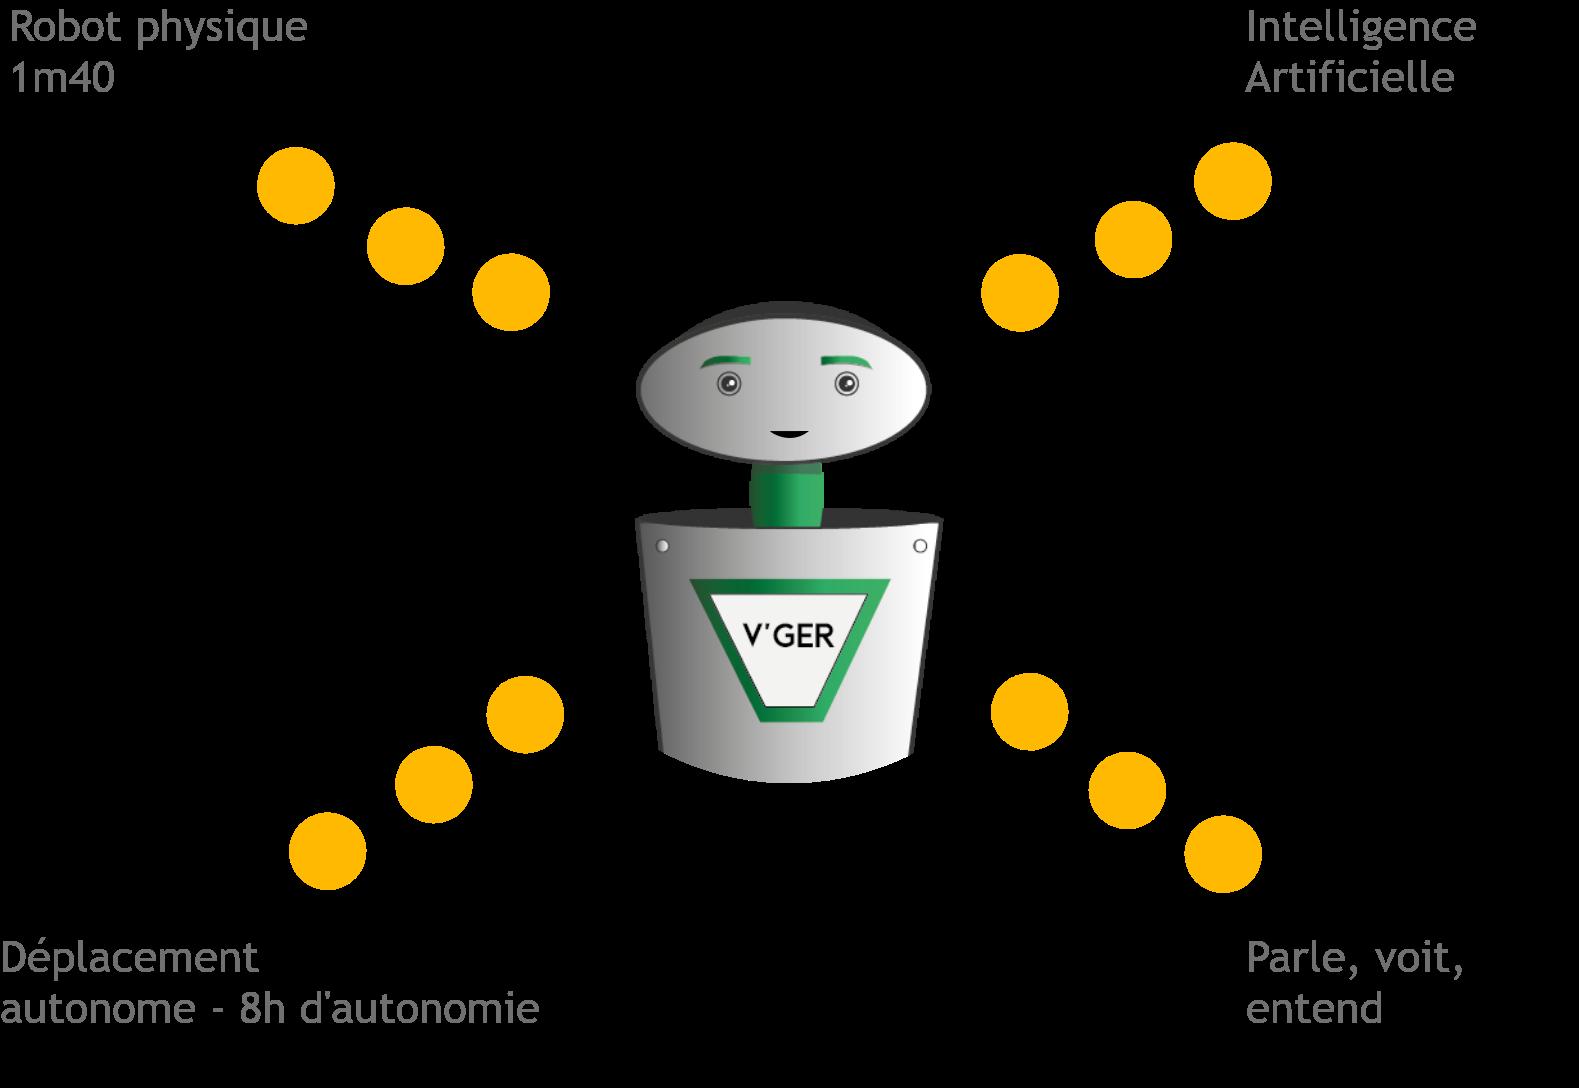 V'GER : Notre Social Assistant, Robot physique, doté d'une intelligence artificielle